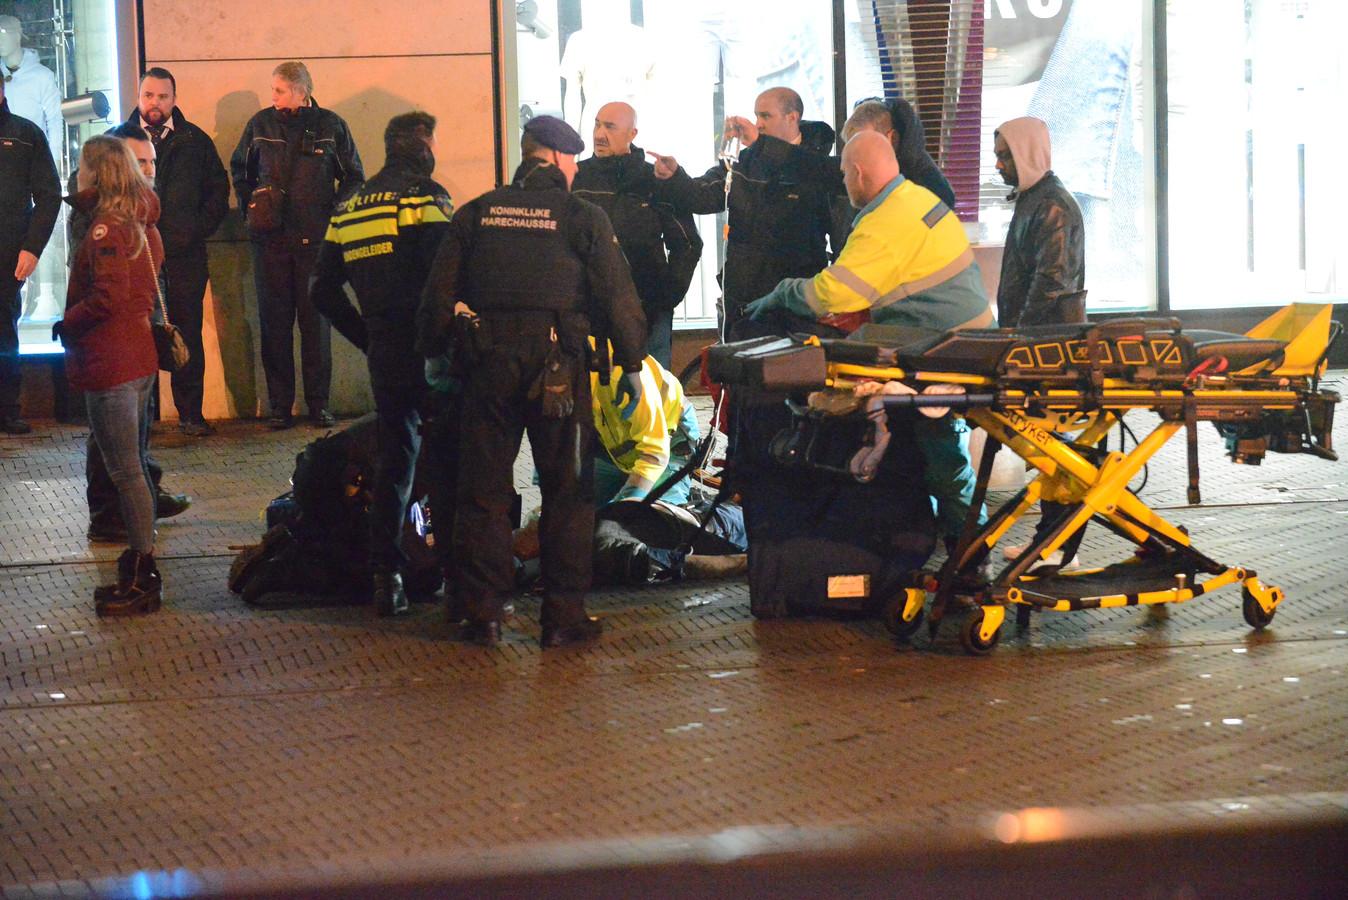 De fietser viel bij het Spui en raakte bewusteloos